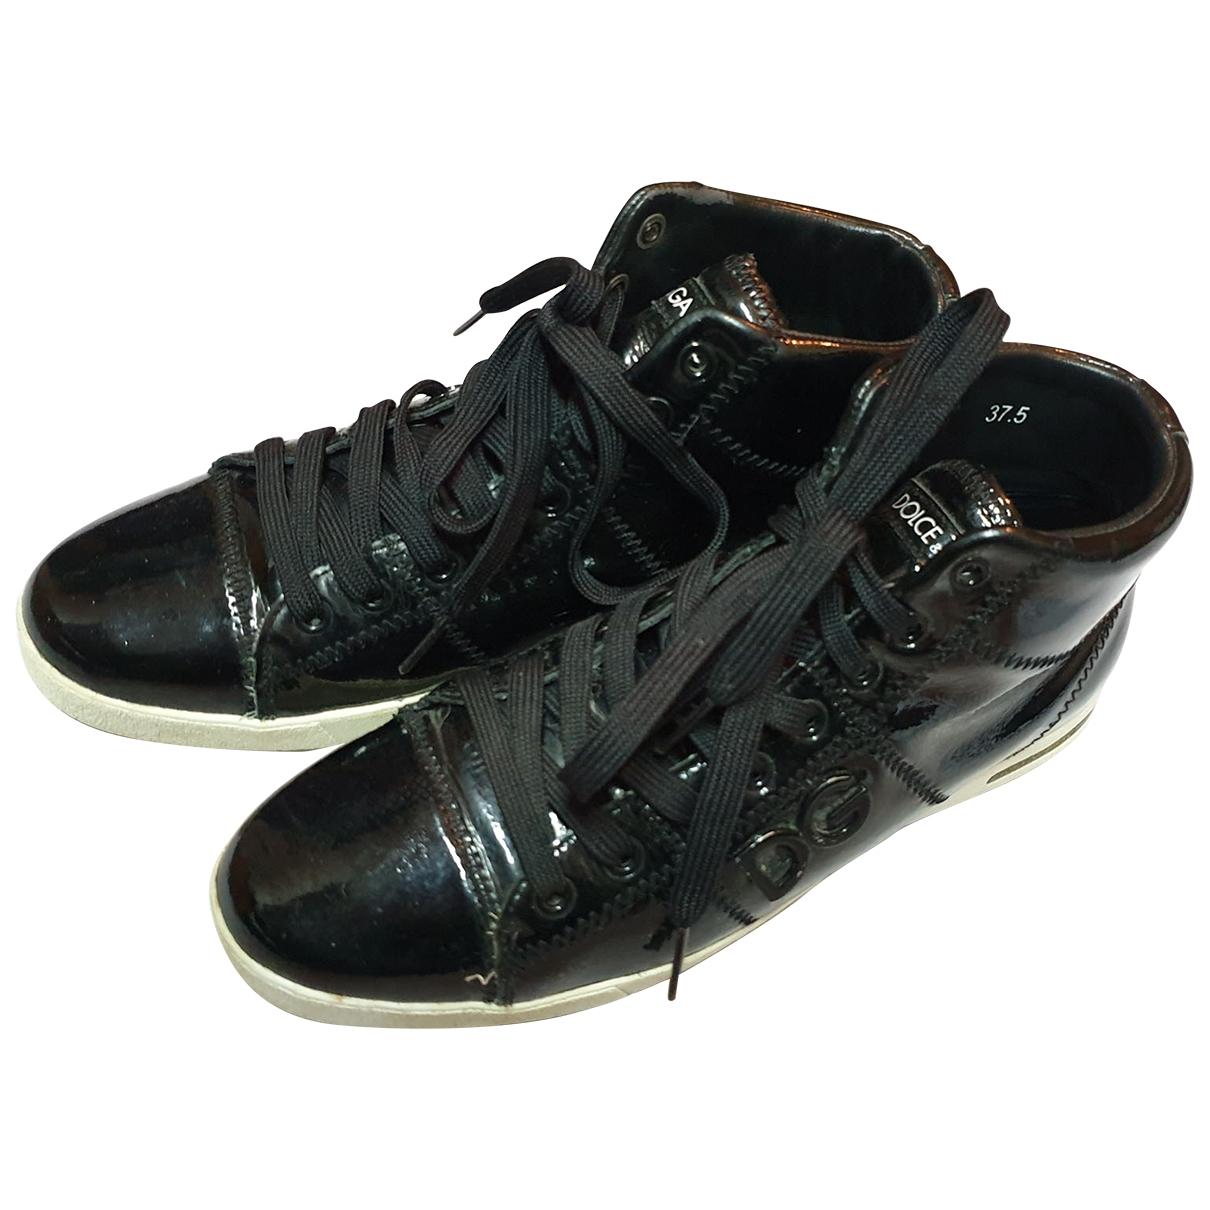 Dolce & Gabbana - Baskets   pour femme en cuir verni - noir